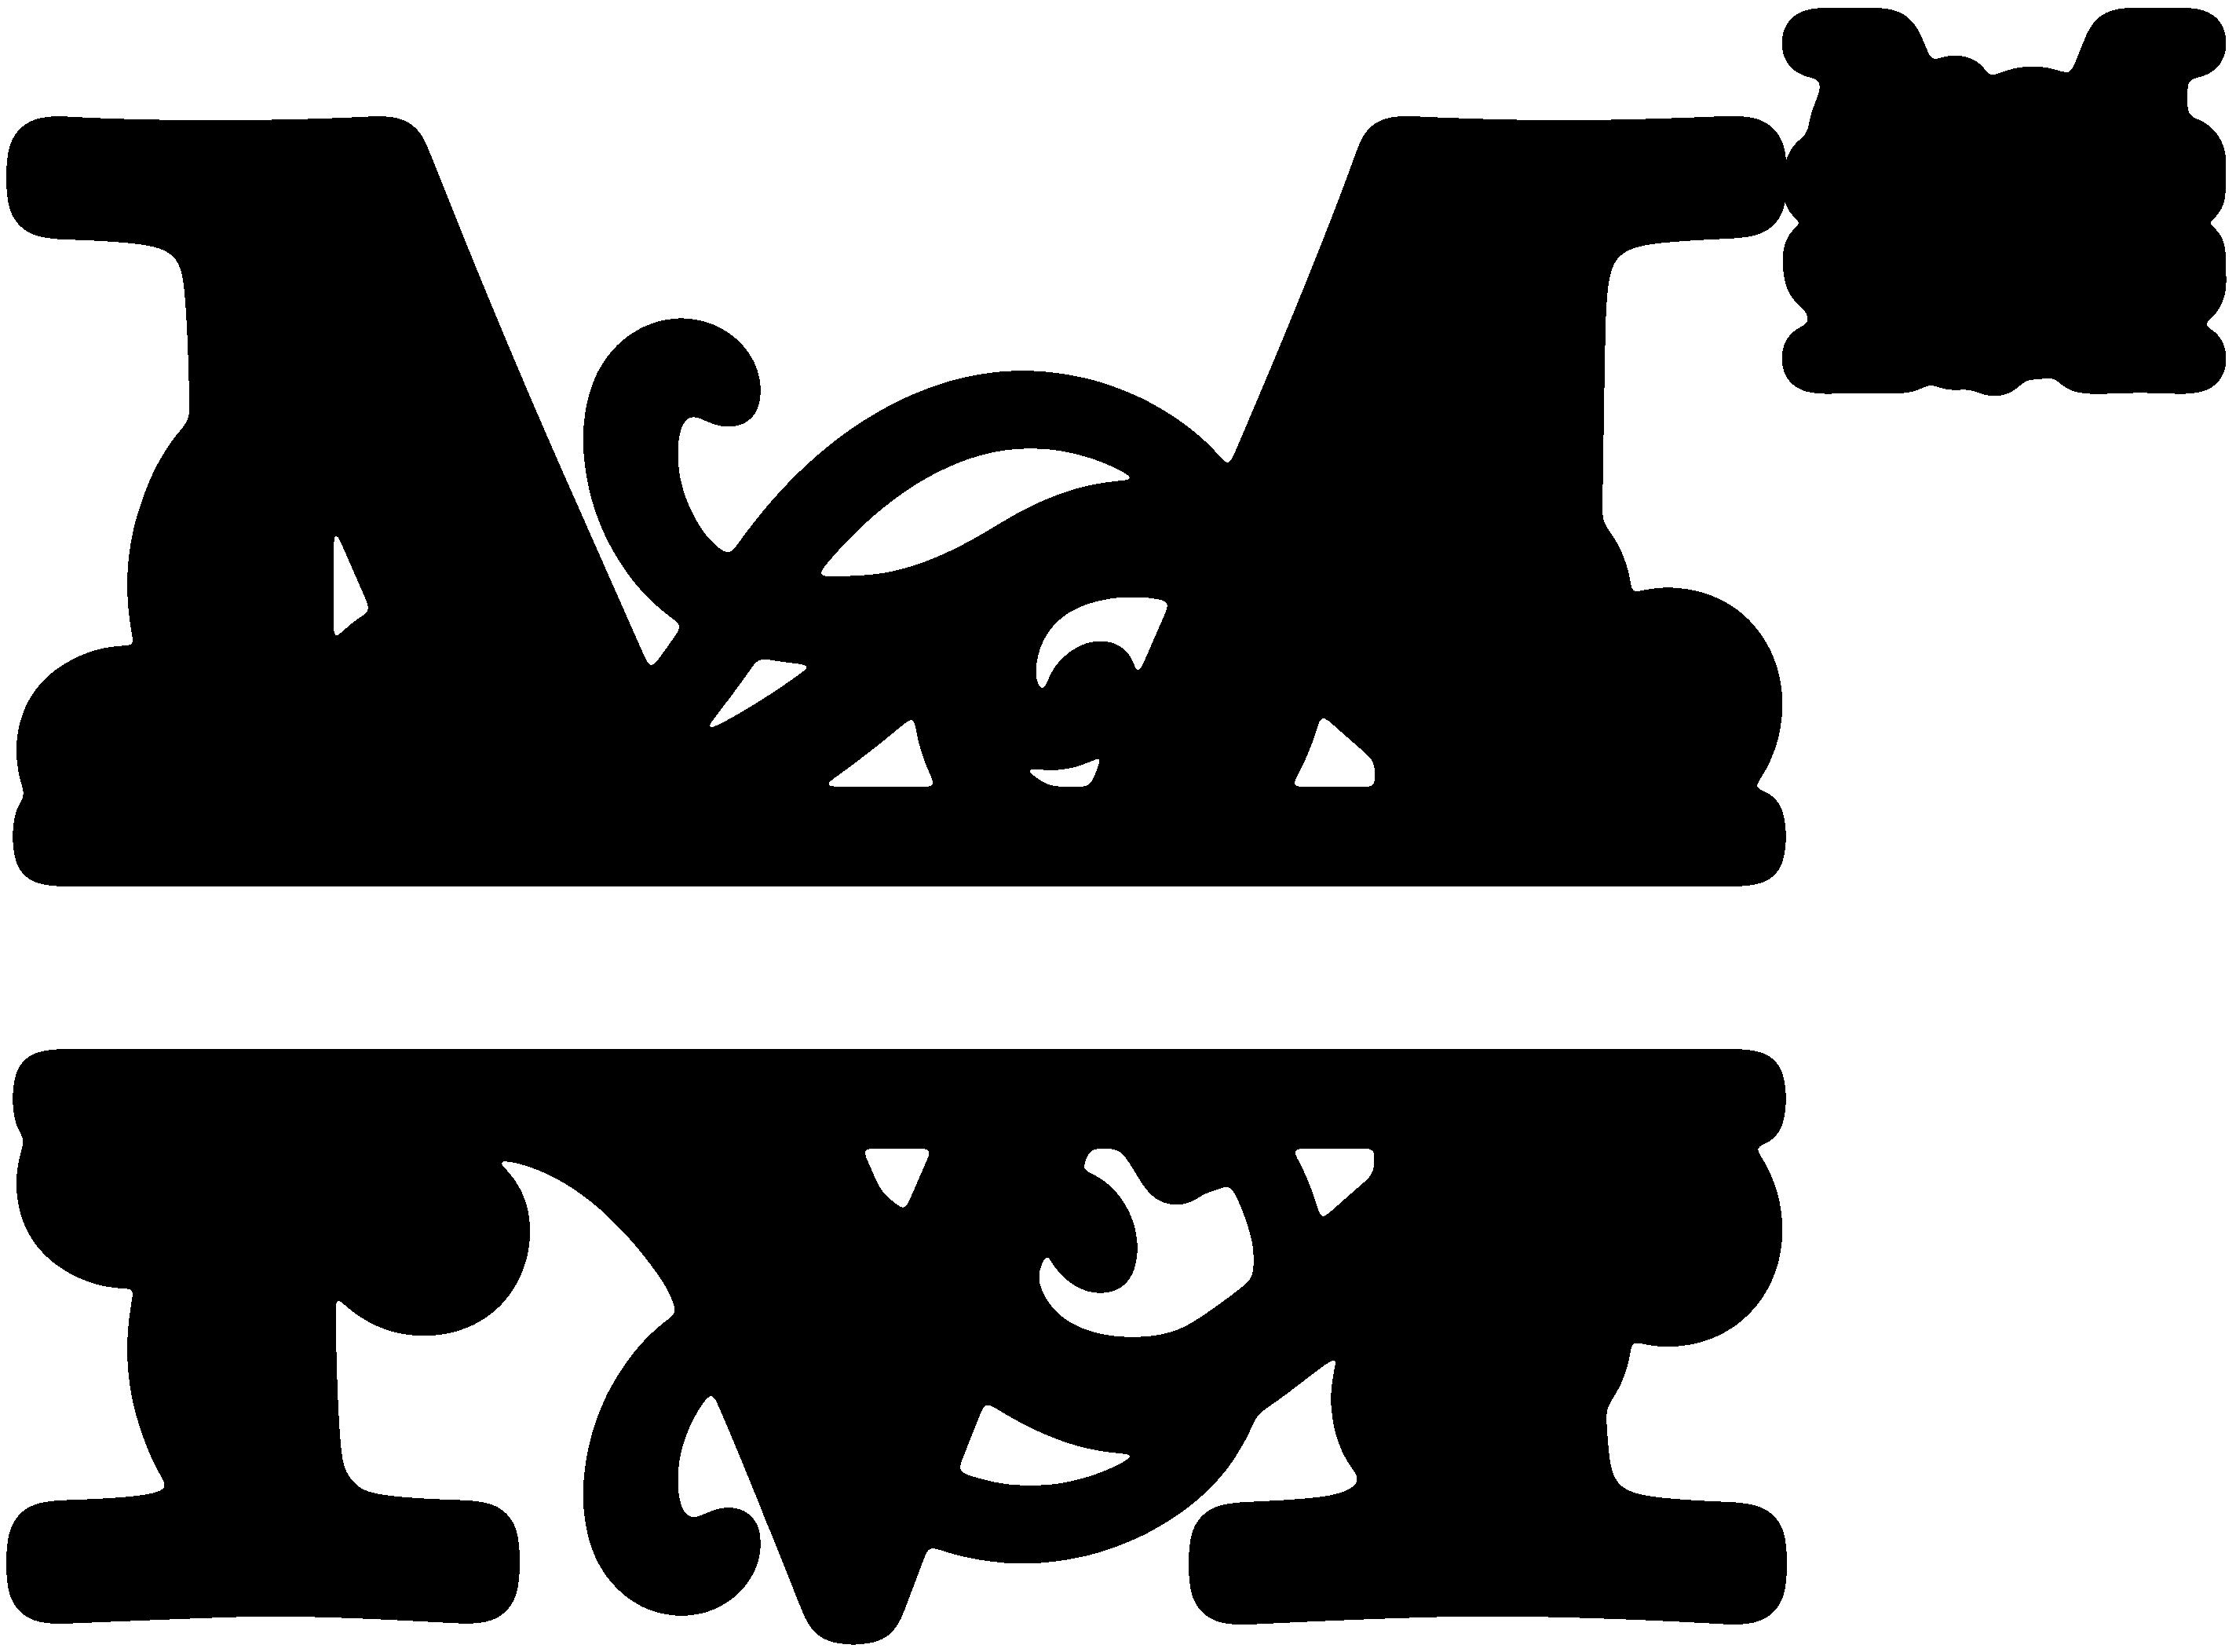 Free monogram clipart. Image result for split